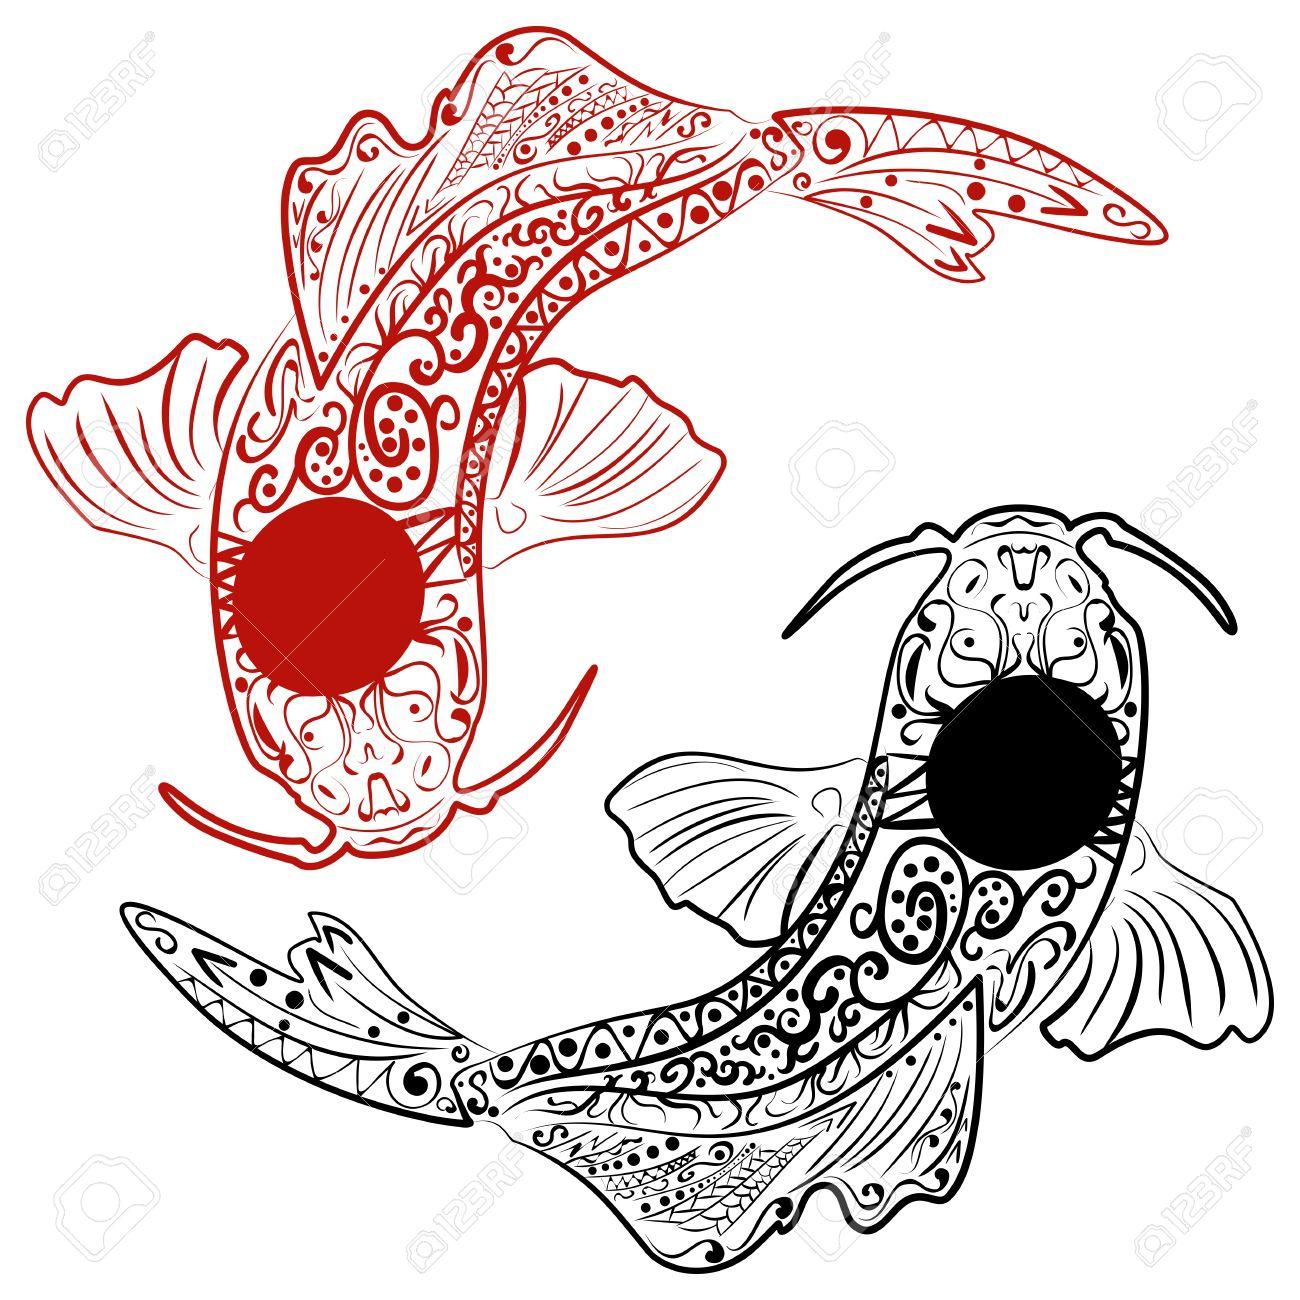 1300x1300 Zentangle Stylized Hand Drawn Koi Fish. Japanese Carp Line Drawing